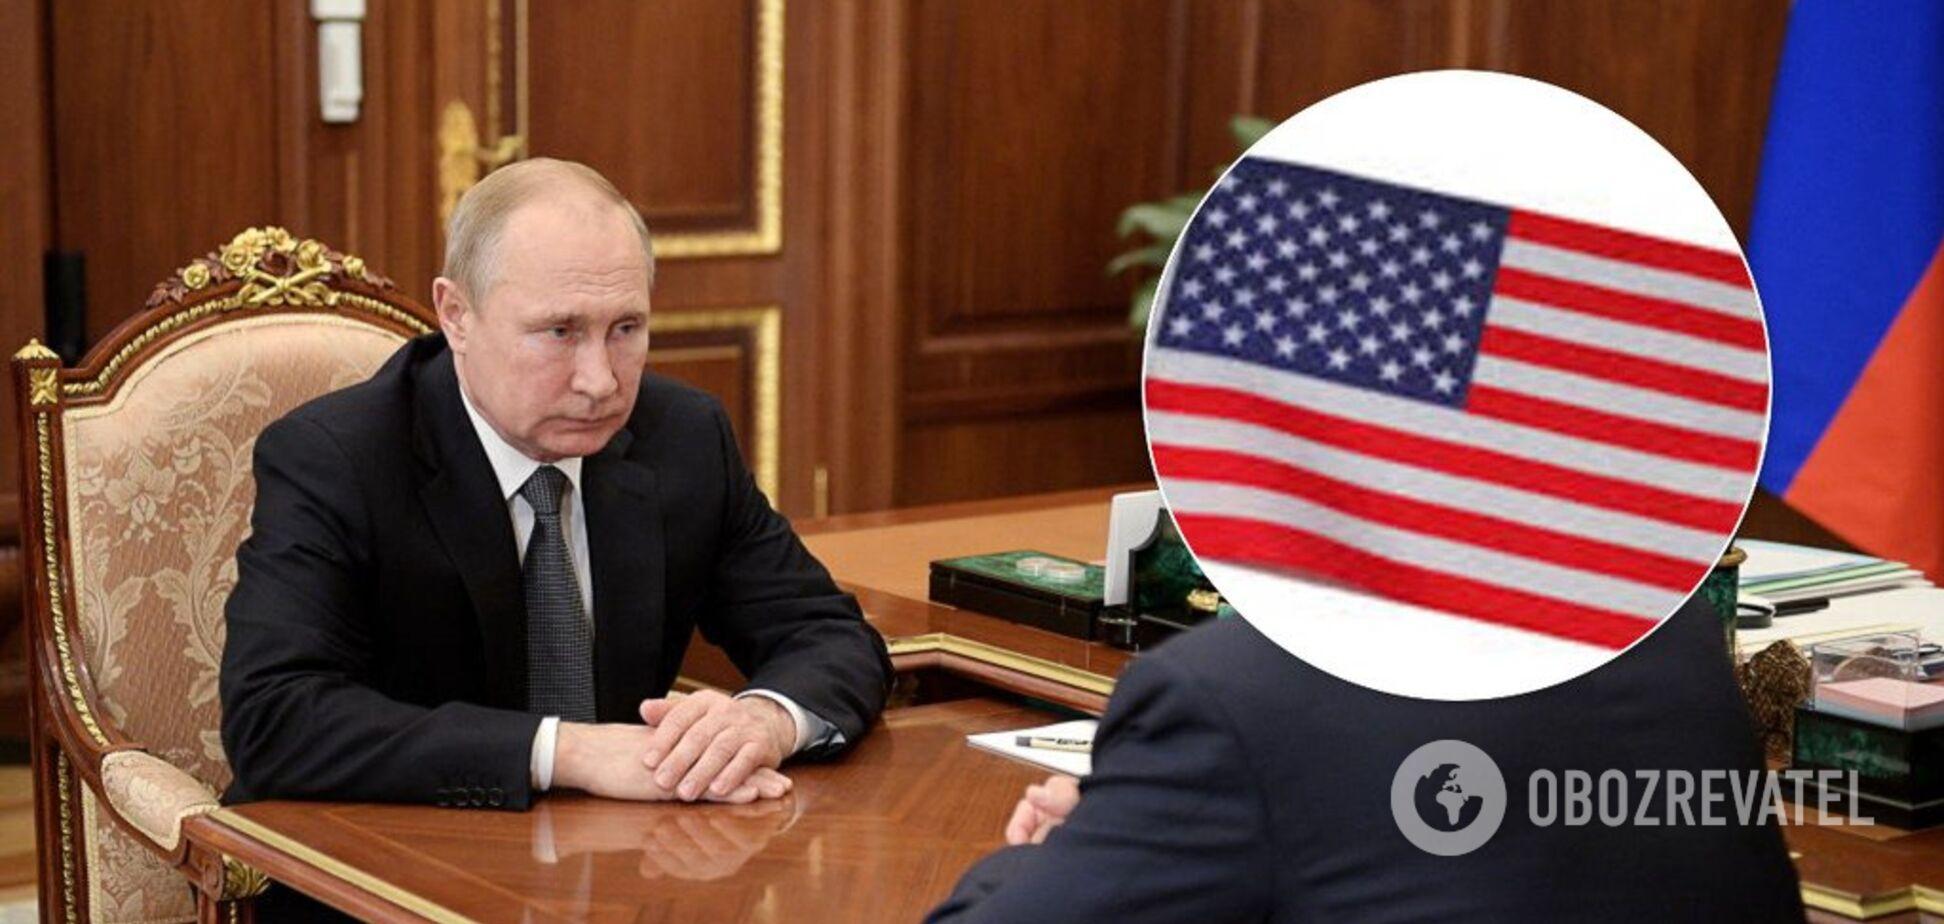 Мав доступ до Путіна: розсекречені деталі роботи американського шпигуна у Кремлі